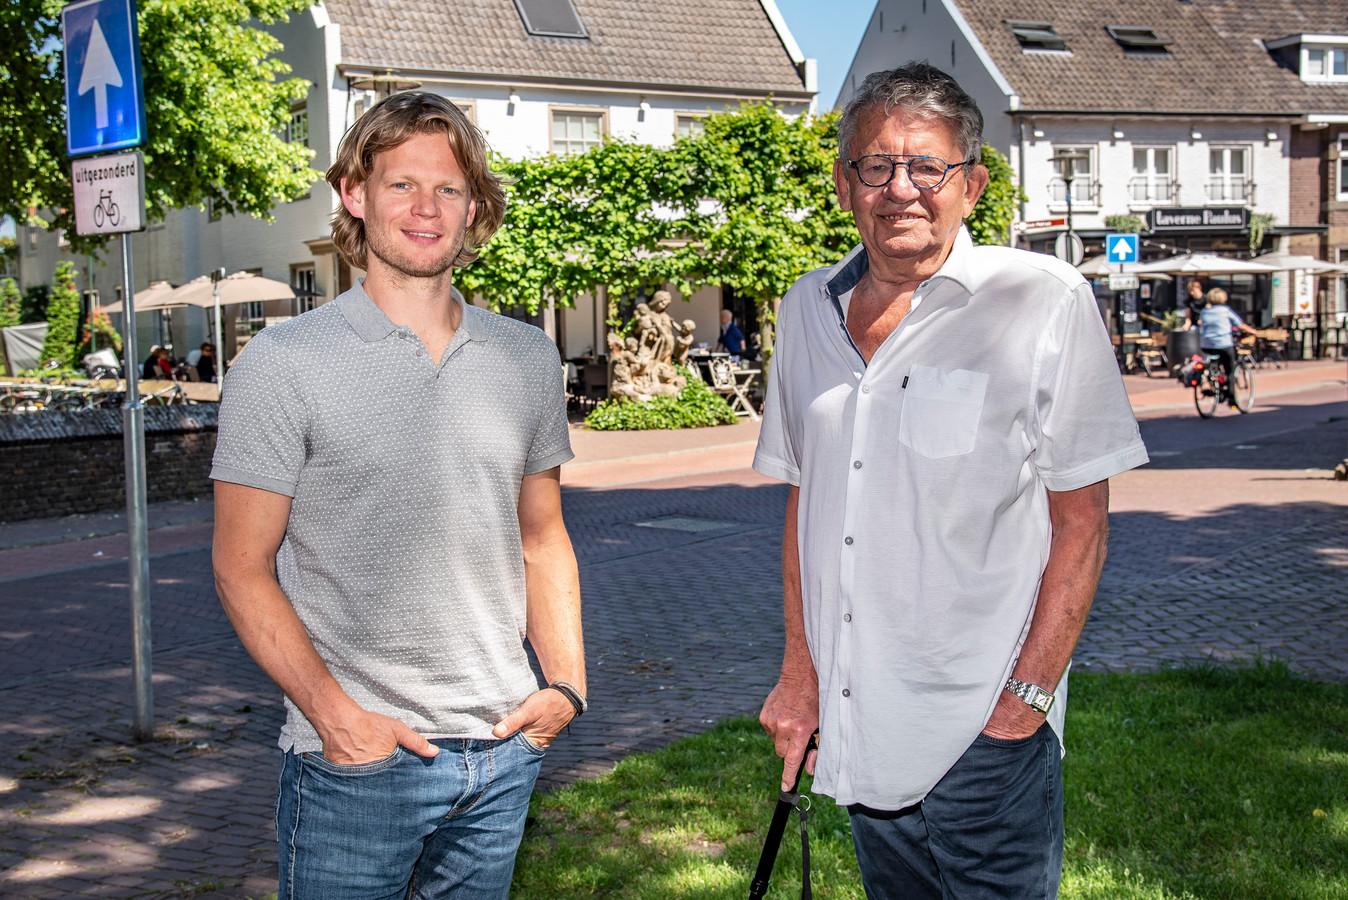 Jop en vader Piet Huijbregts bij de restaurants Petrus en Paulus.